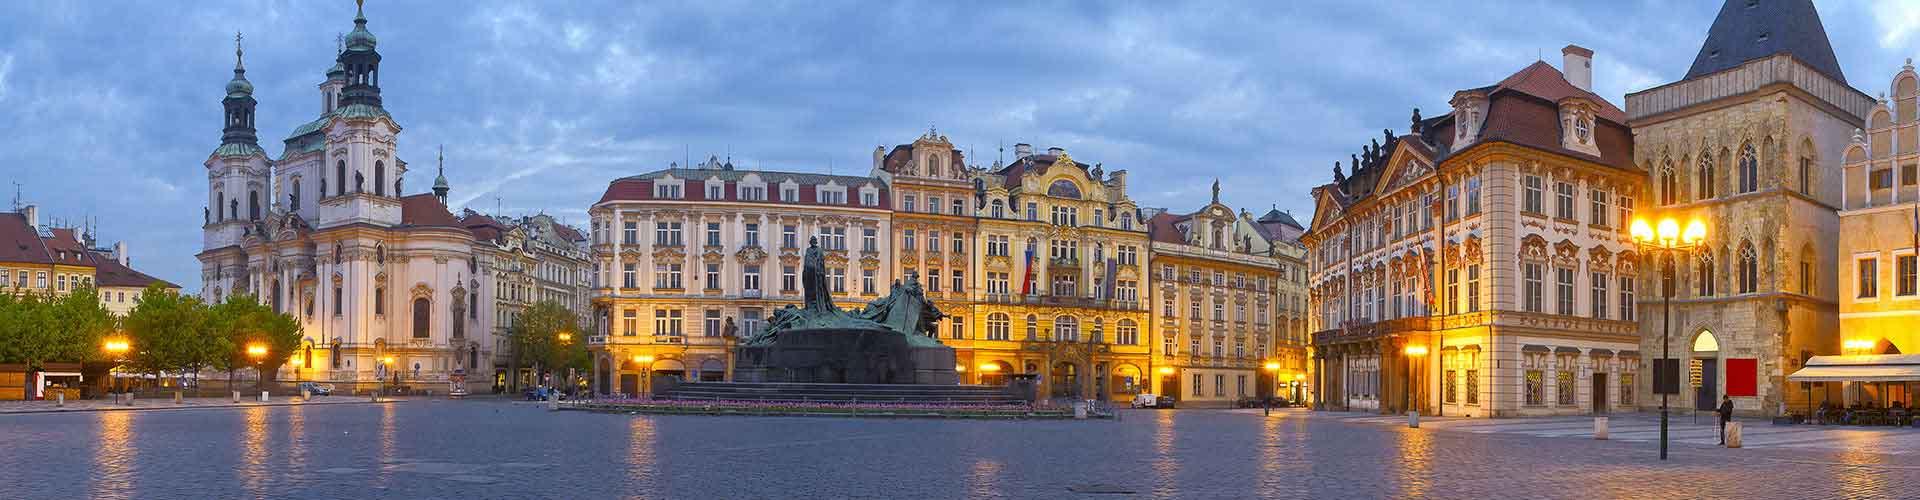 Praga - Hoteles baratos cerca a Centro de la Ciudad. Mapas de Praga, Fotos y comentarios de cada Hotel en Praga.